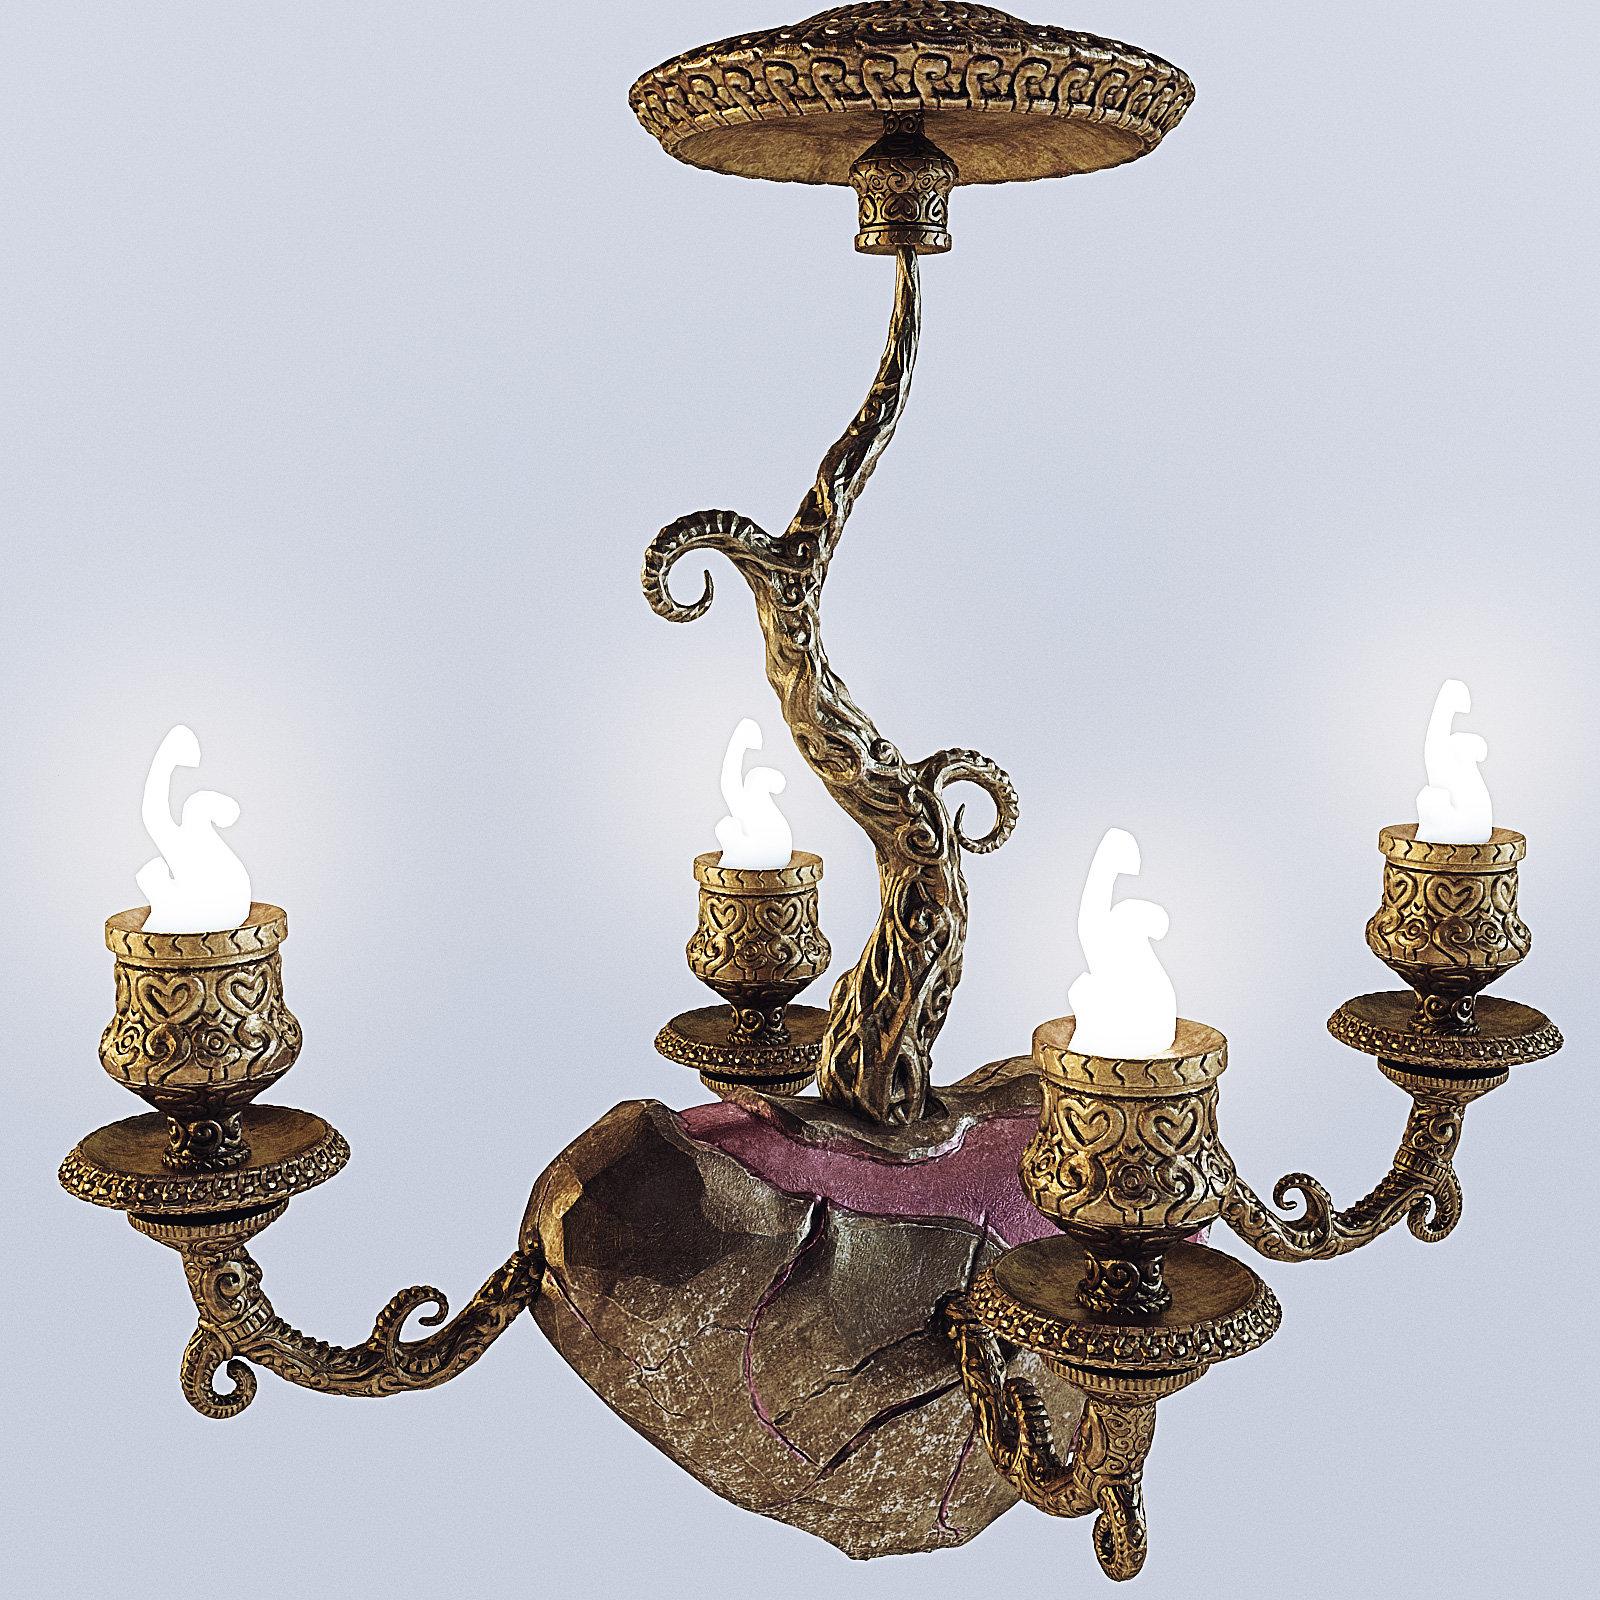 2014 - Fantastic chandelier